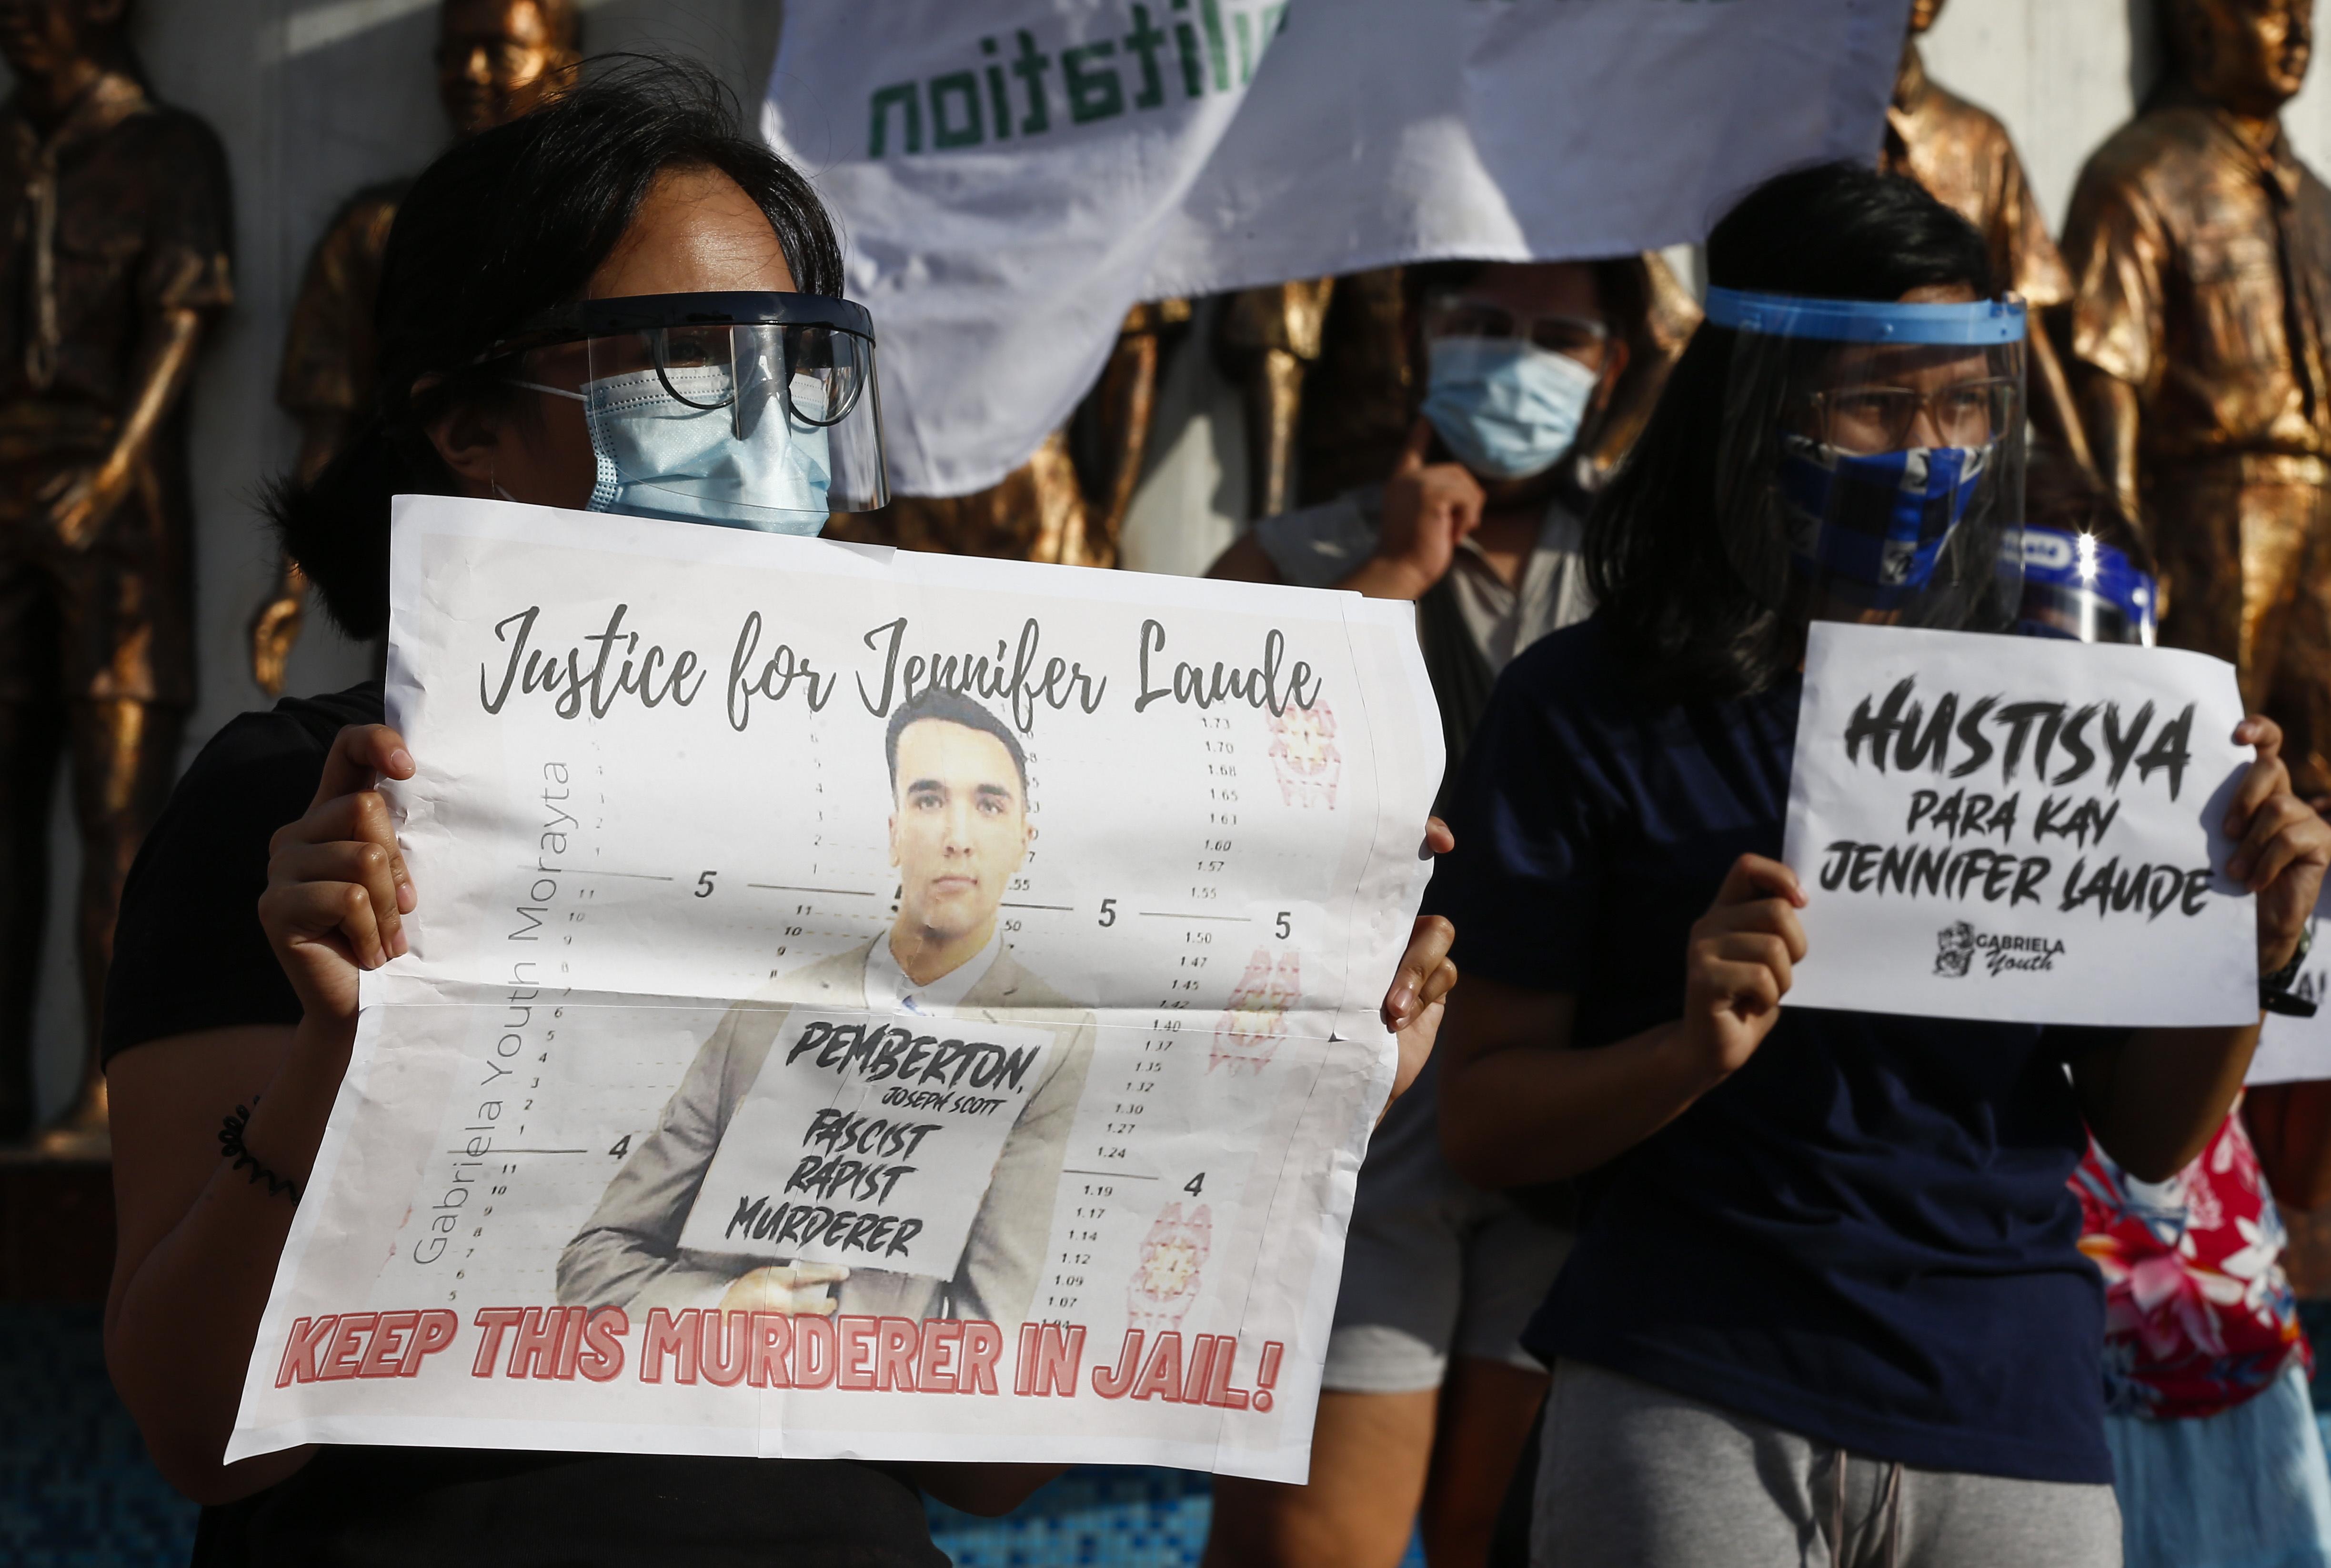 Foto van demonstratie tegen vrijlating Joseph Scott Pemberton